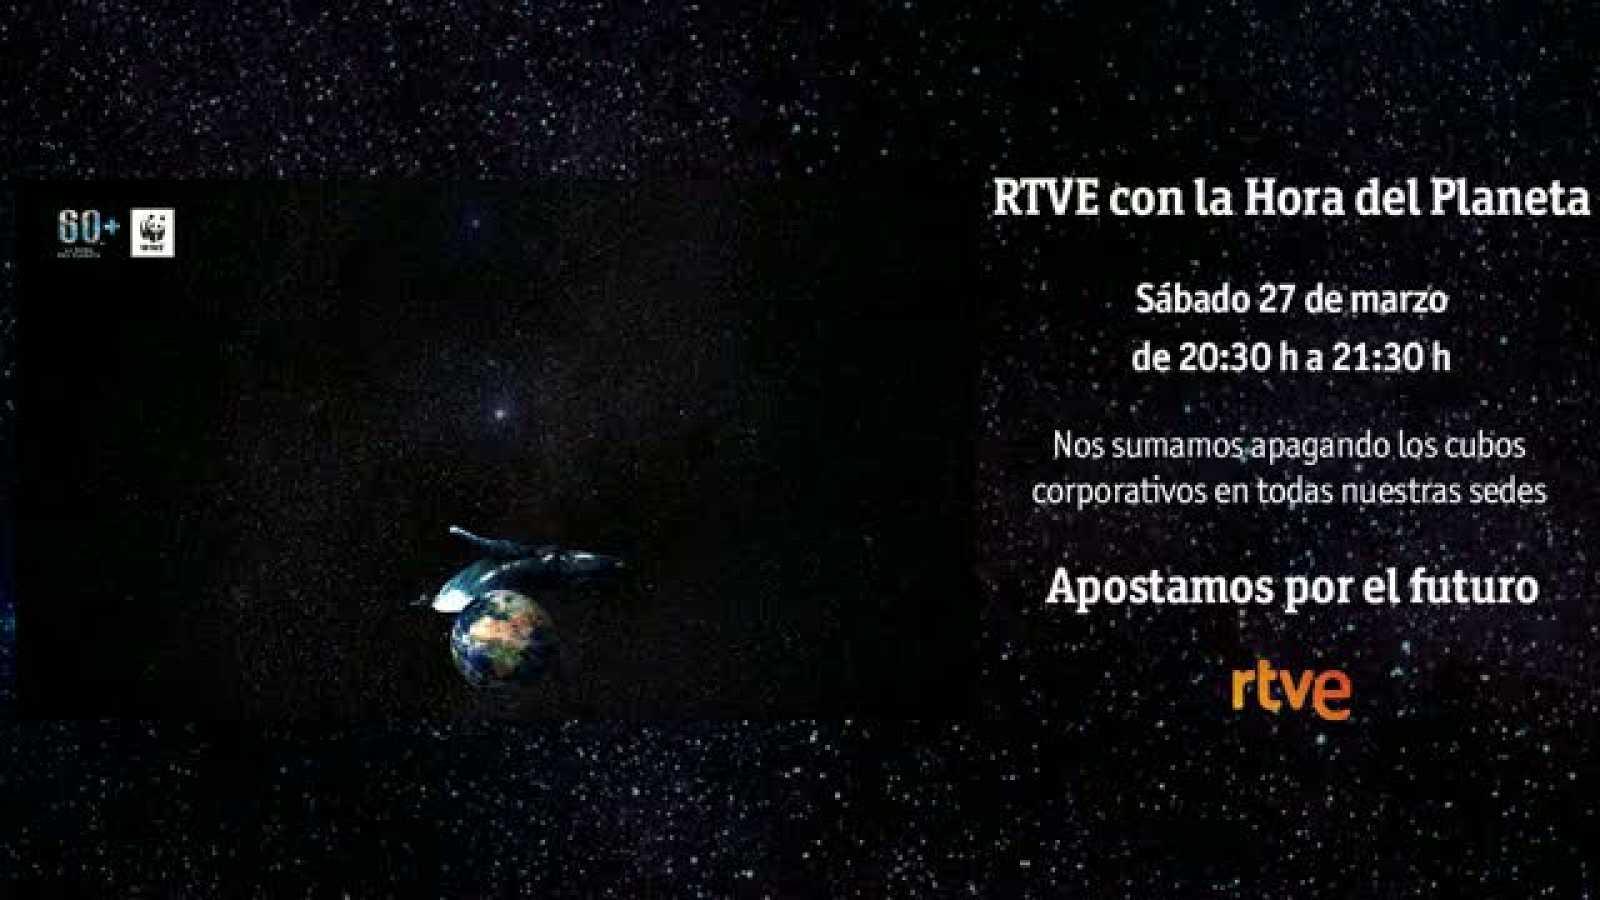 'La Hora del Planeta'